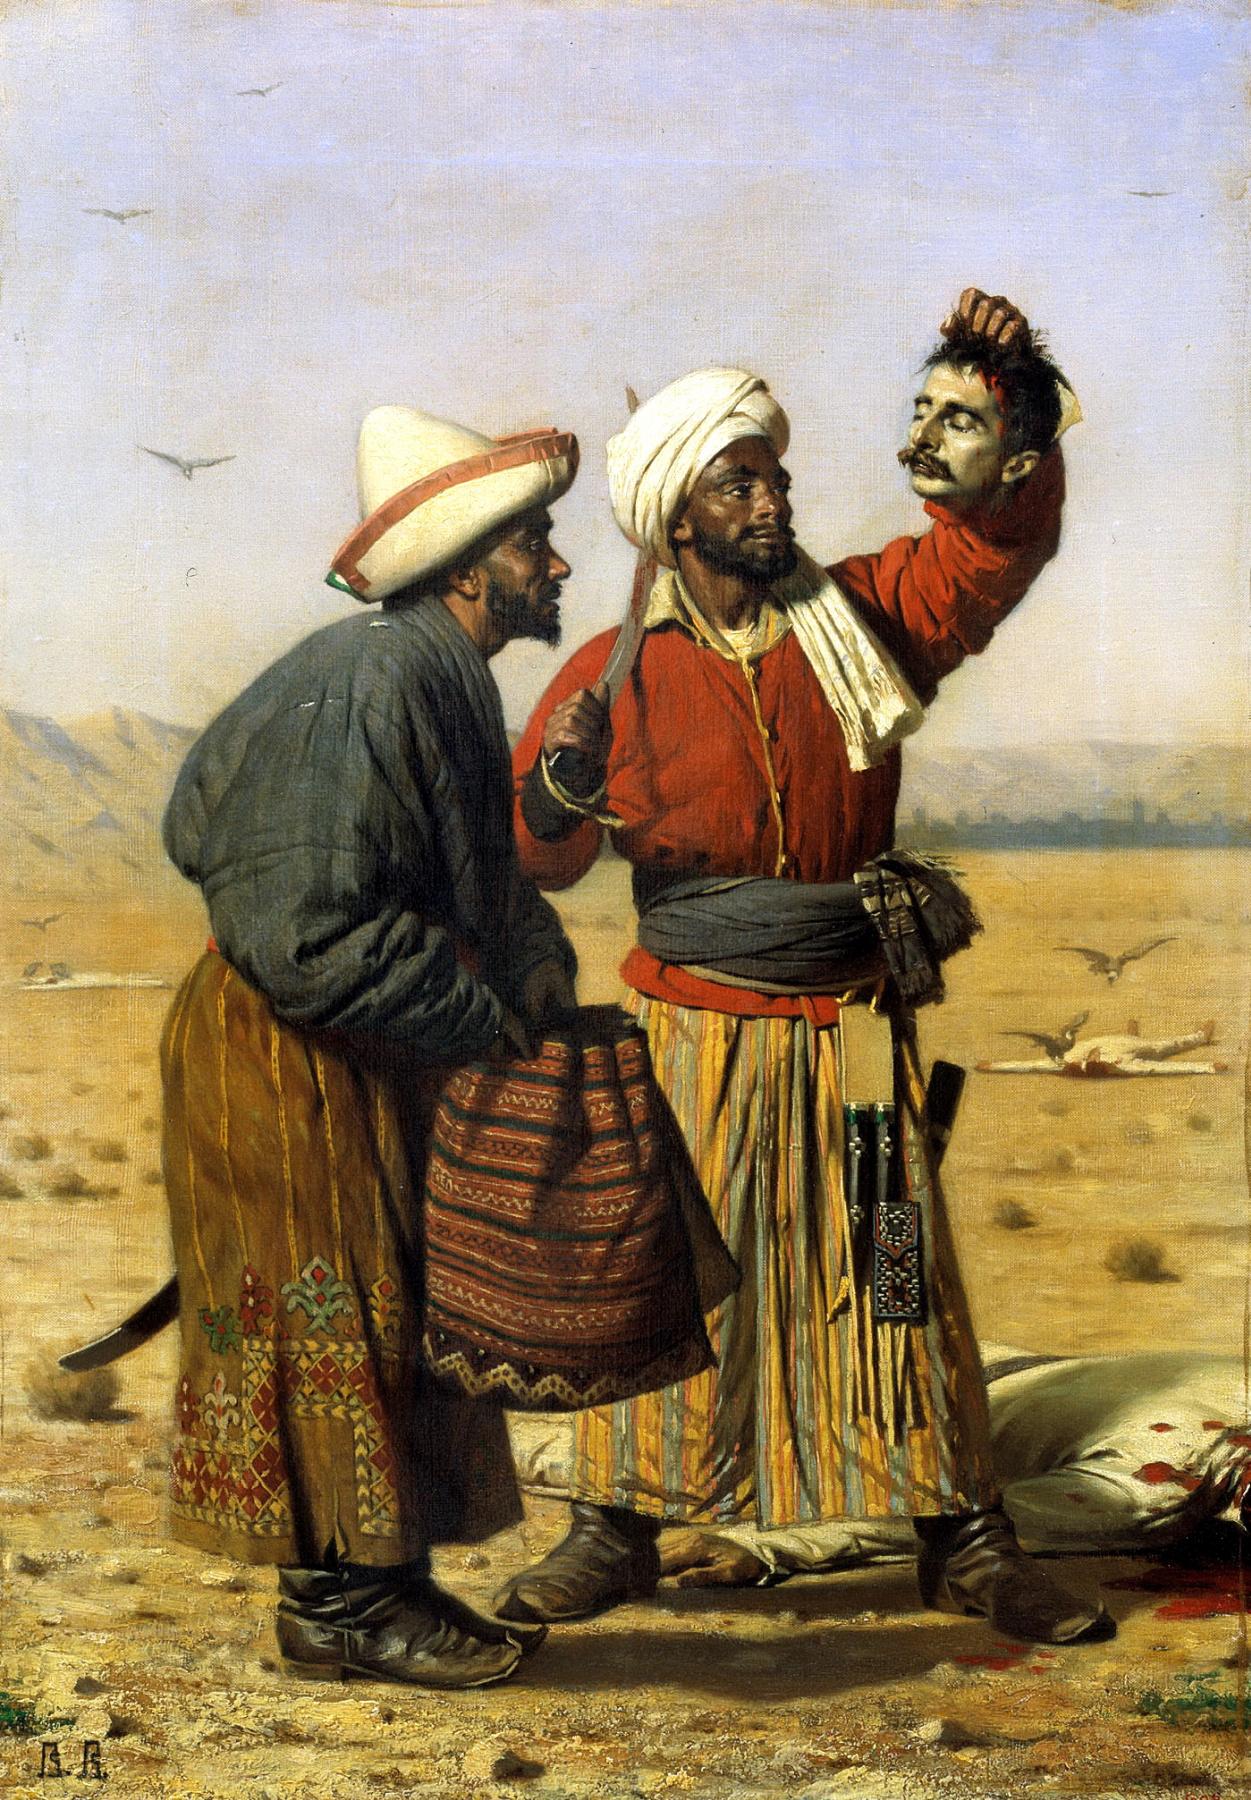 В. В. Верещагин. После удачи. Холст, масло. 1868 год. Государственный Русский музей, Санкт-Петербург